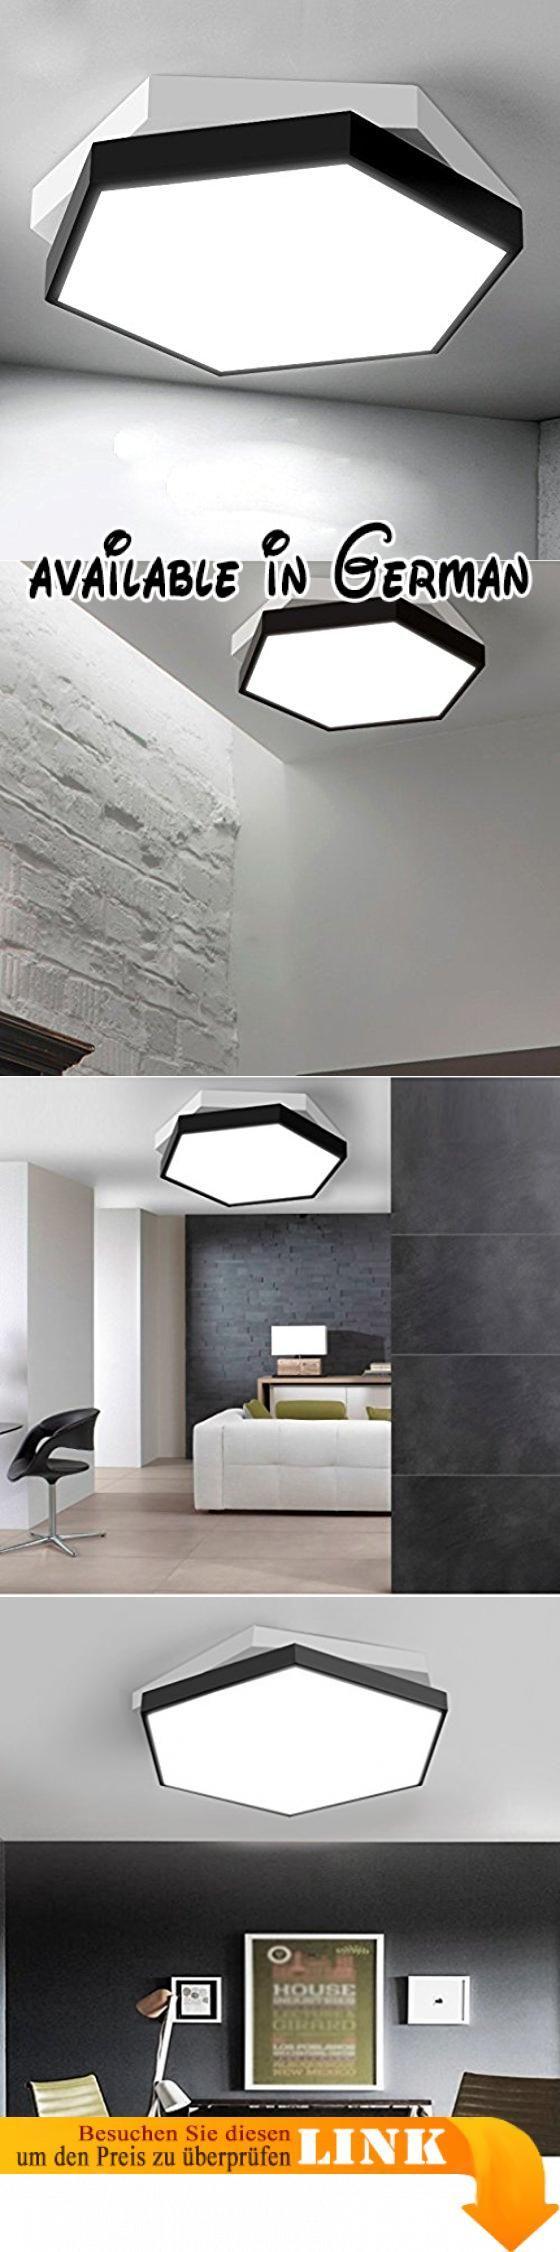 Die besten 25 schwarzlichtraum ideen auf pinterest schwarzlicht kreative geometrie led master schlafzimmer deckenleuchte modernen minimalistischen wohnzimmer esszimmer kinder geformt sechseckigen lampenschwarz parisarafo Gallery